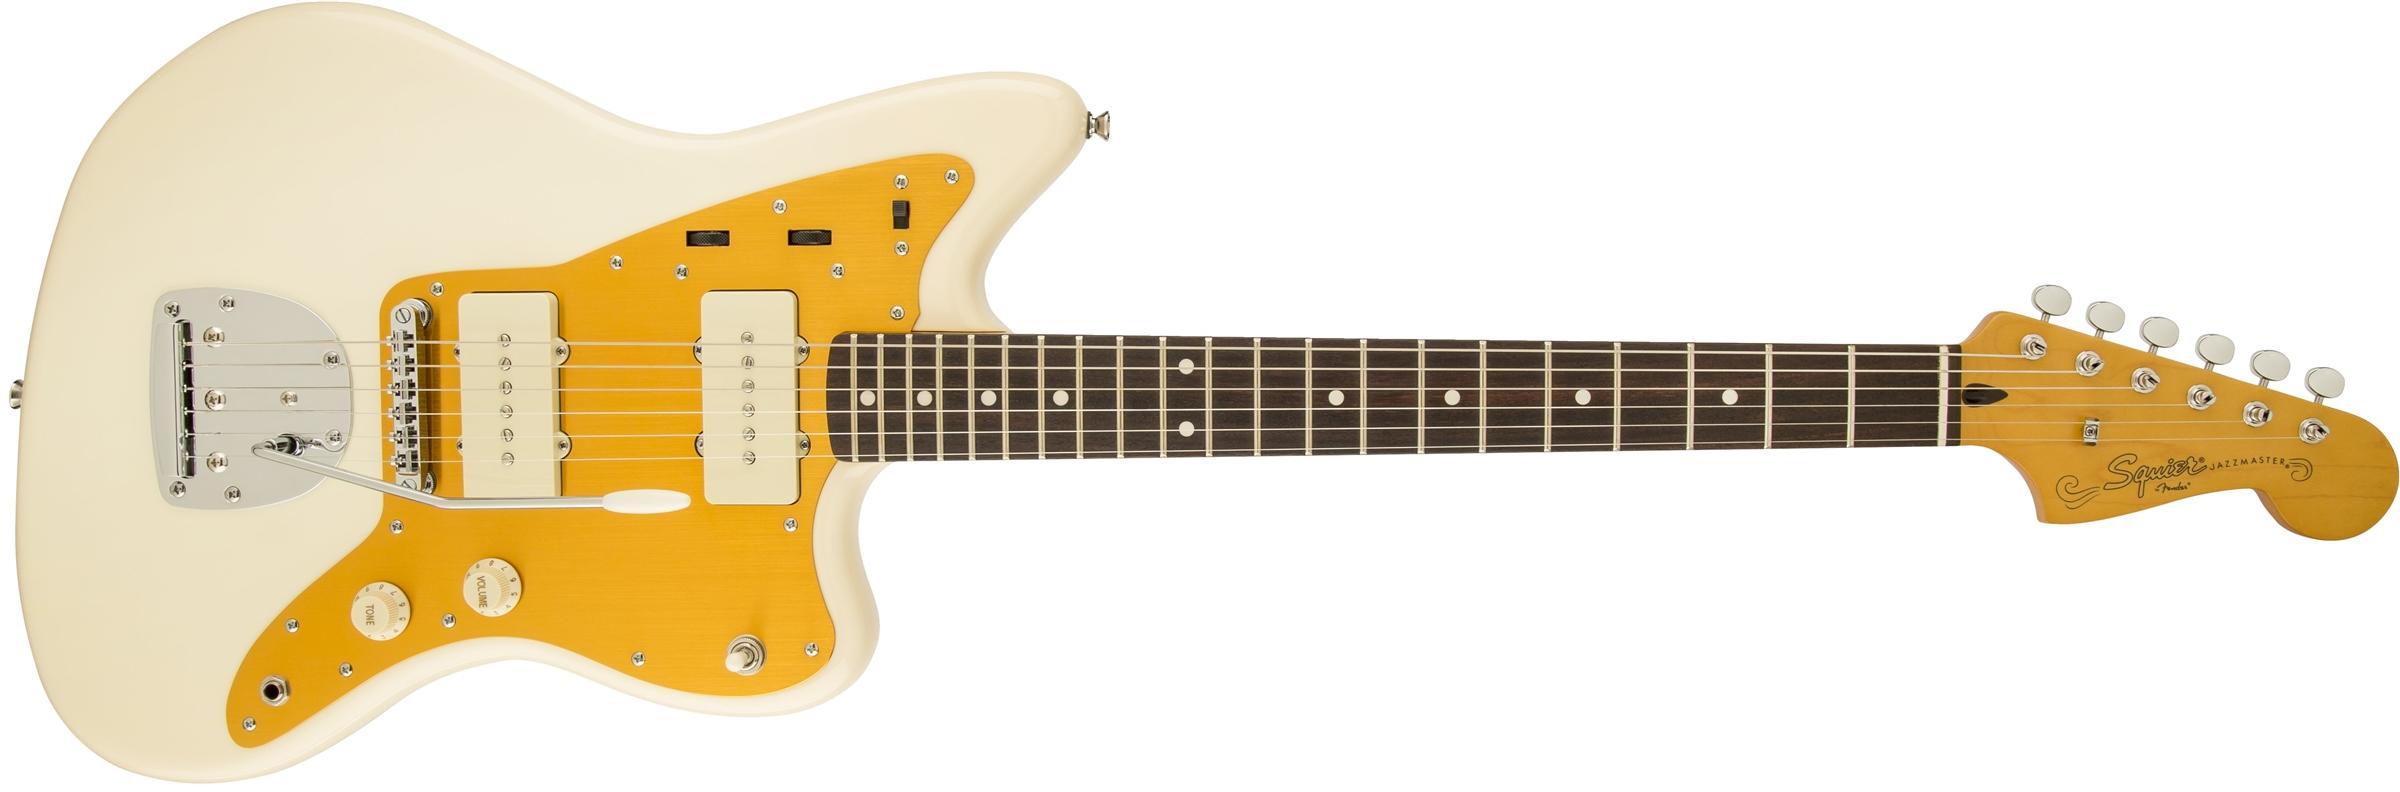 Squier 174 J Mascis Jazzmaster 174 Rosewood Fingerboard